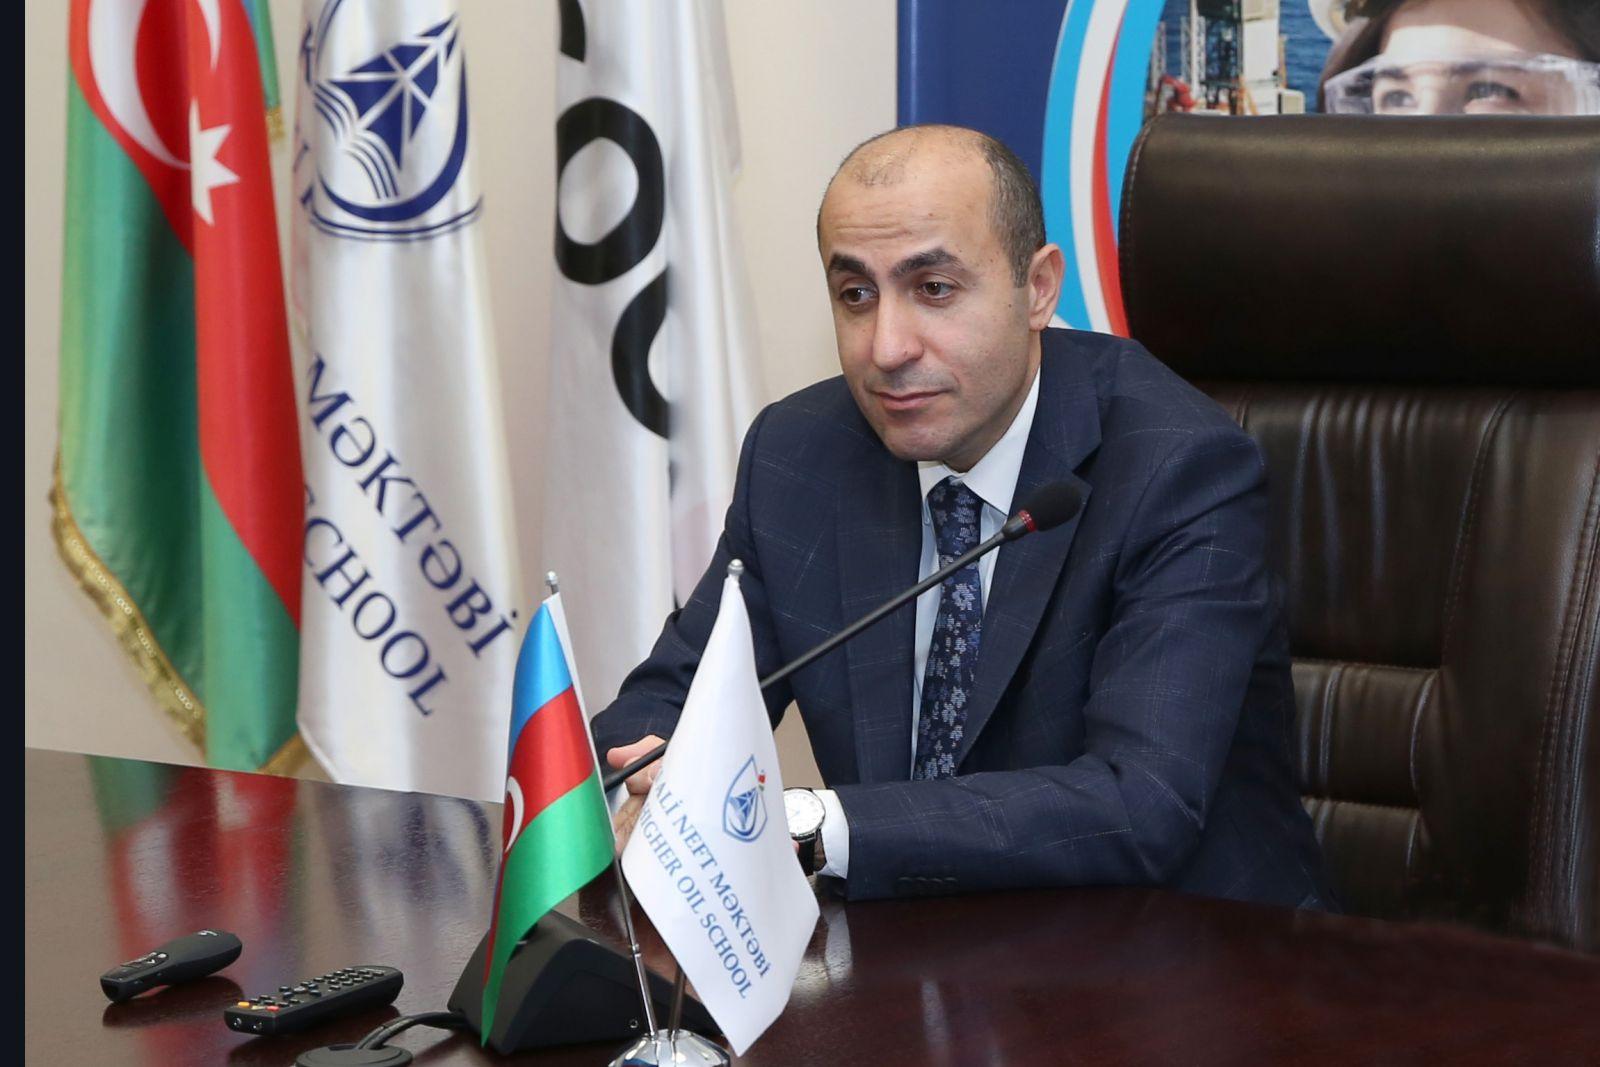 Bakı Ali Neft Məktəbinin prorektoru Rəşad Həsənovun xidməti vəzifəsi yüksəlib